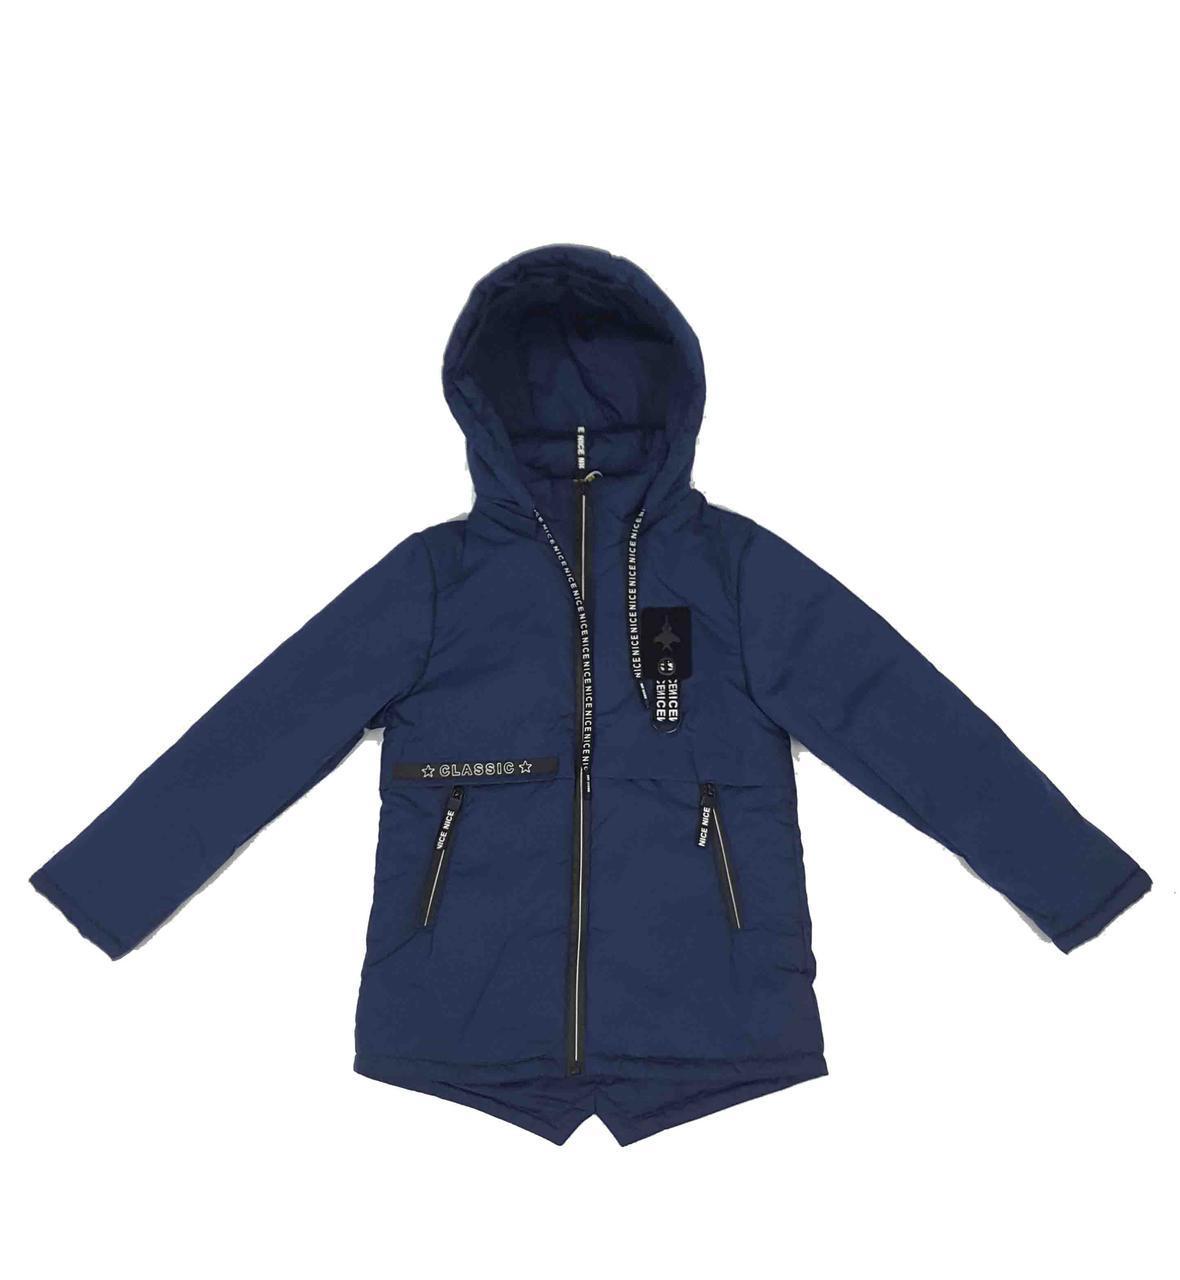 Куртка 833, парка на трикотажной основе. Размеры от 110см до 134см (5-8 лет)